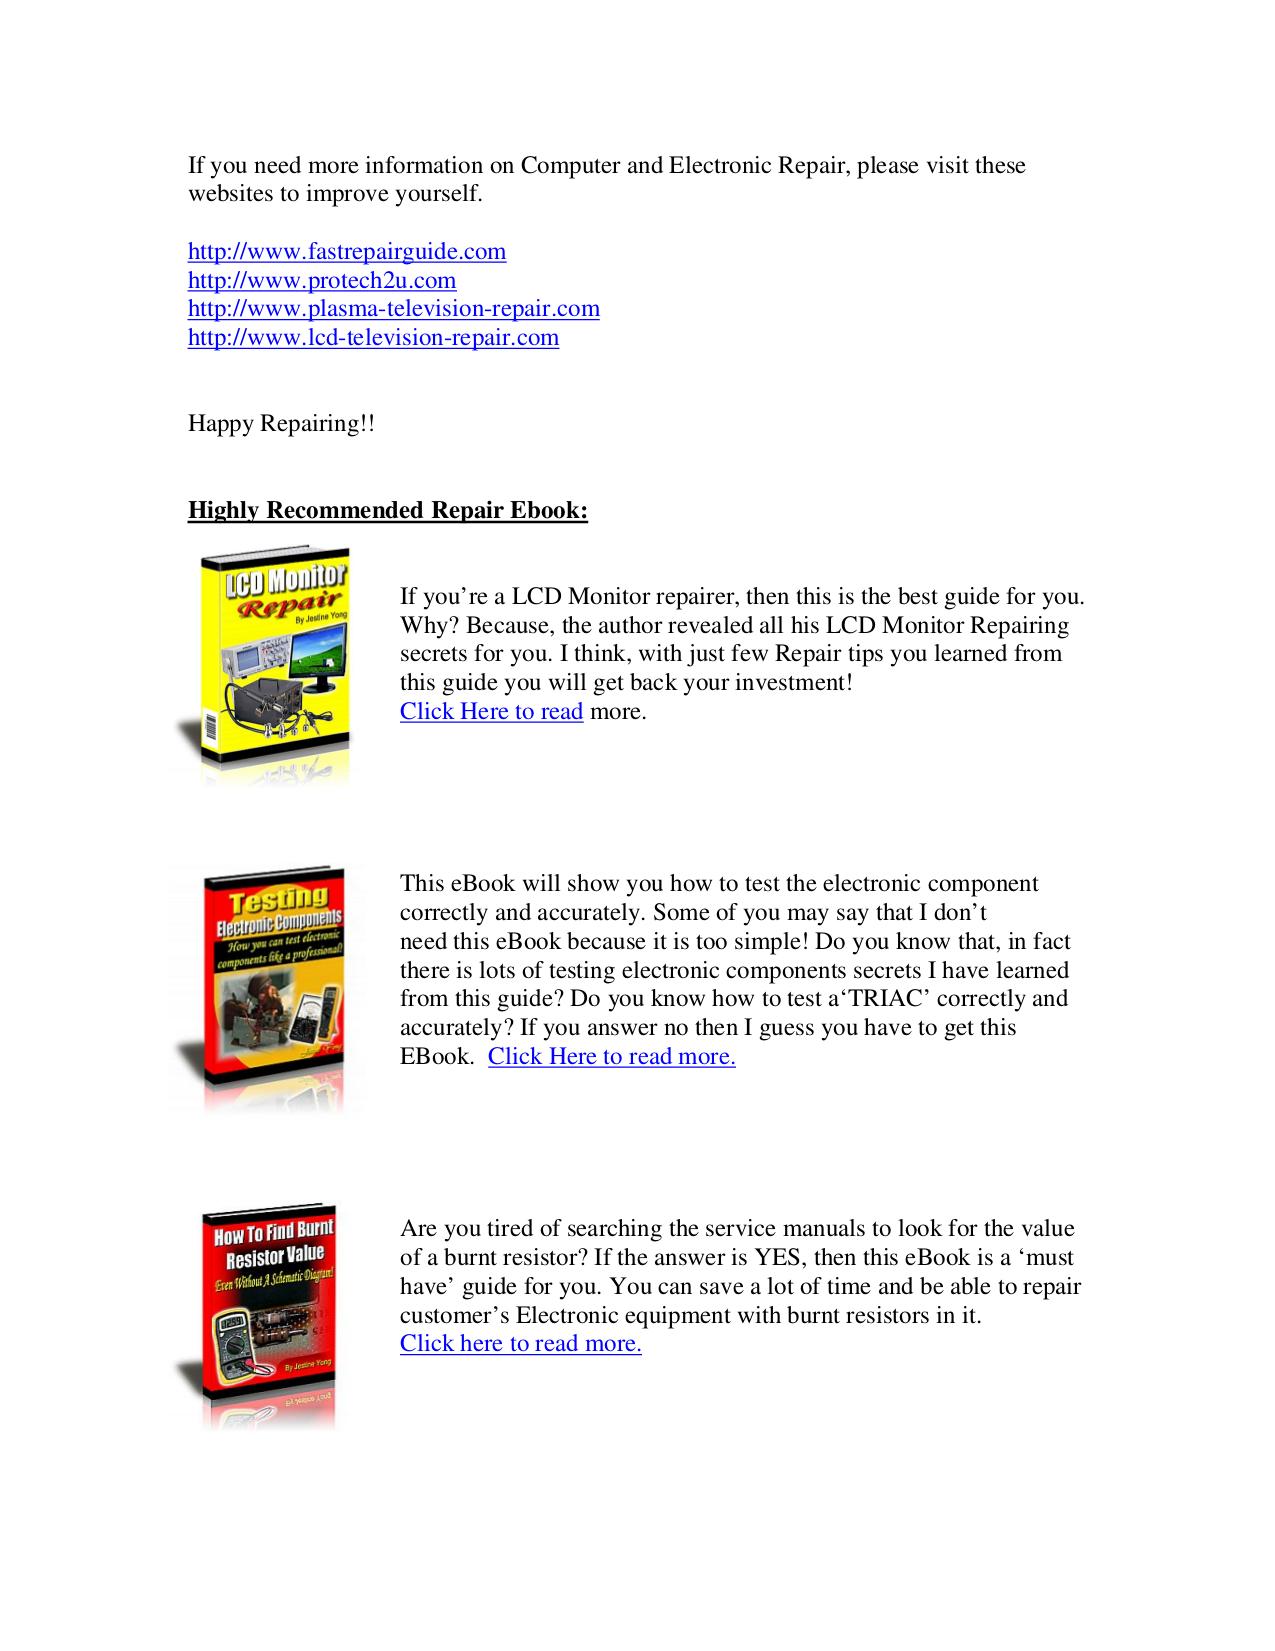 Array - olevia lcd manual ebook rh olevia lcd manual ebook pureroseoil us